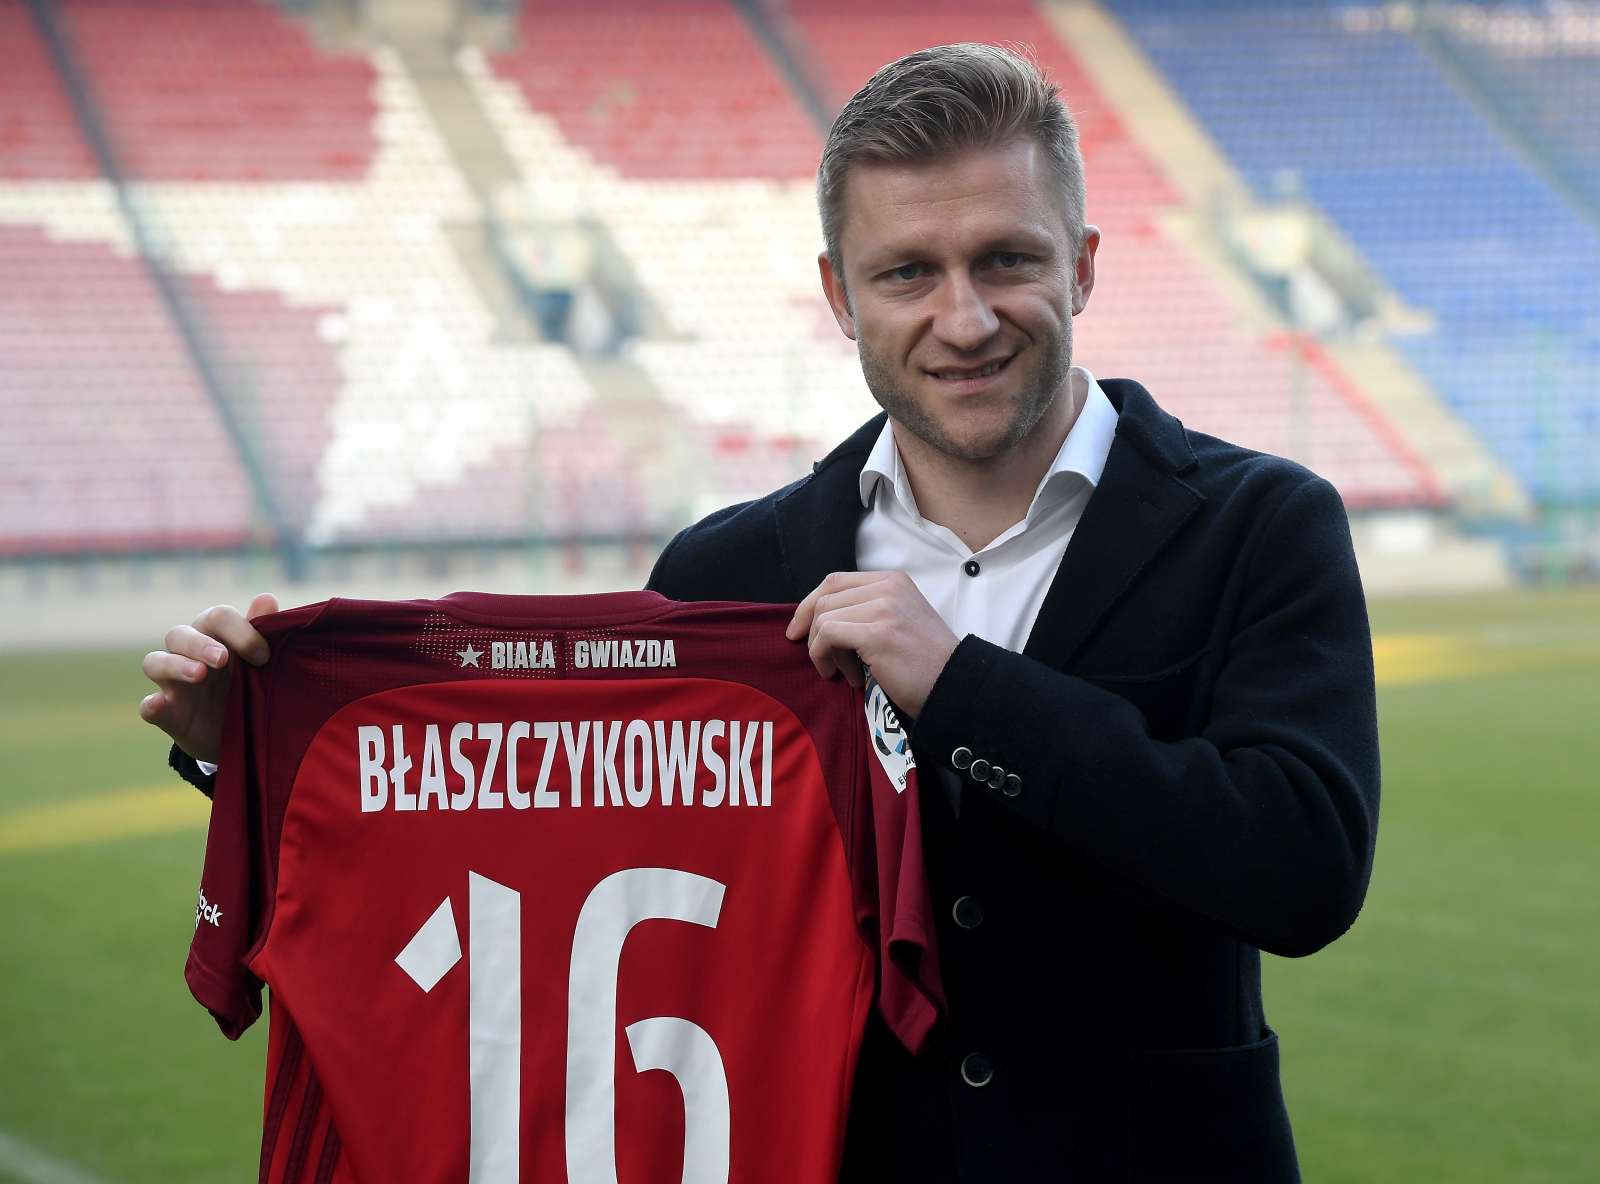 Blaszczykowski